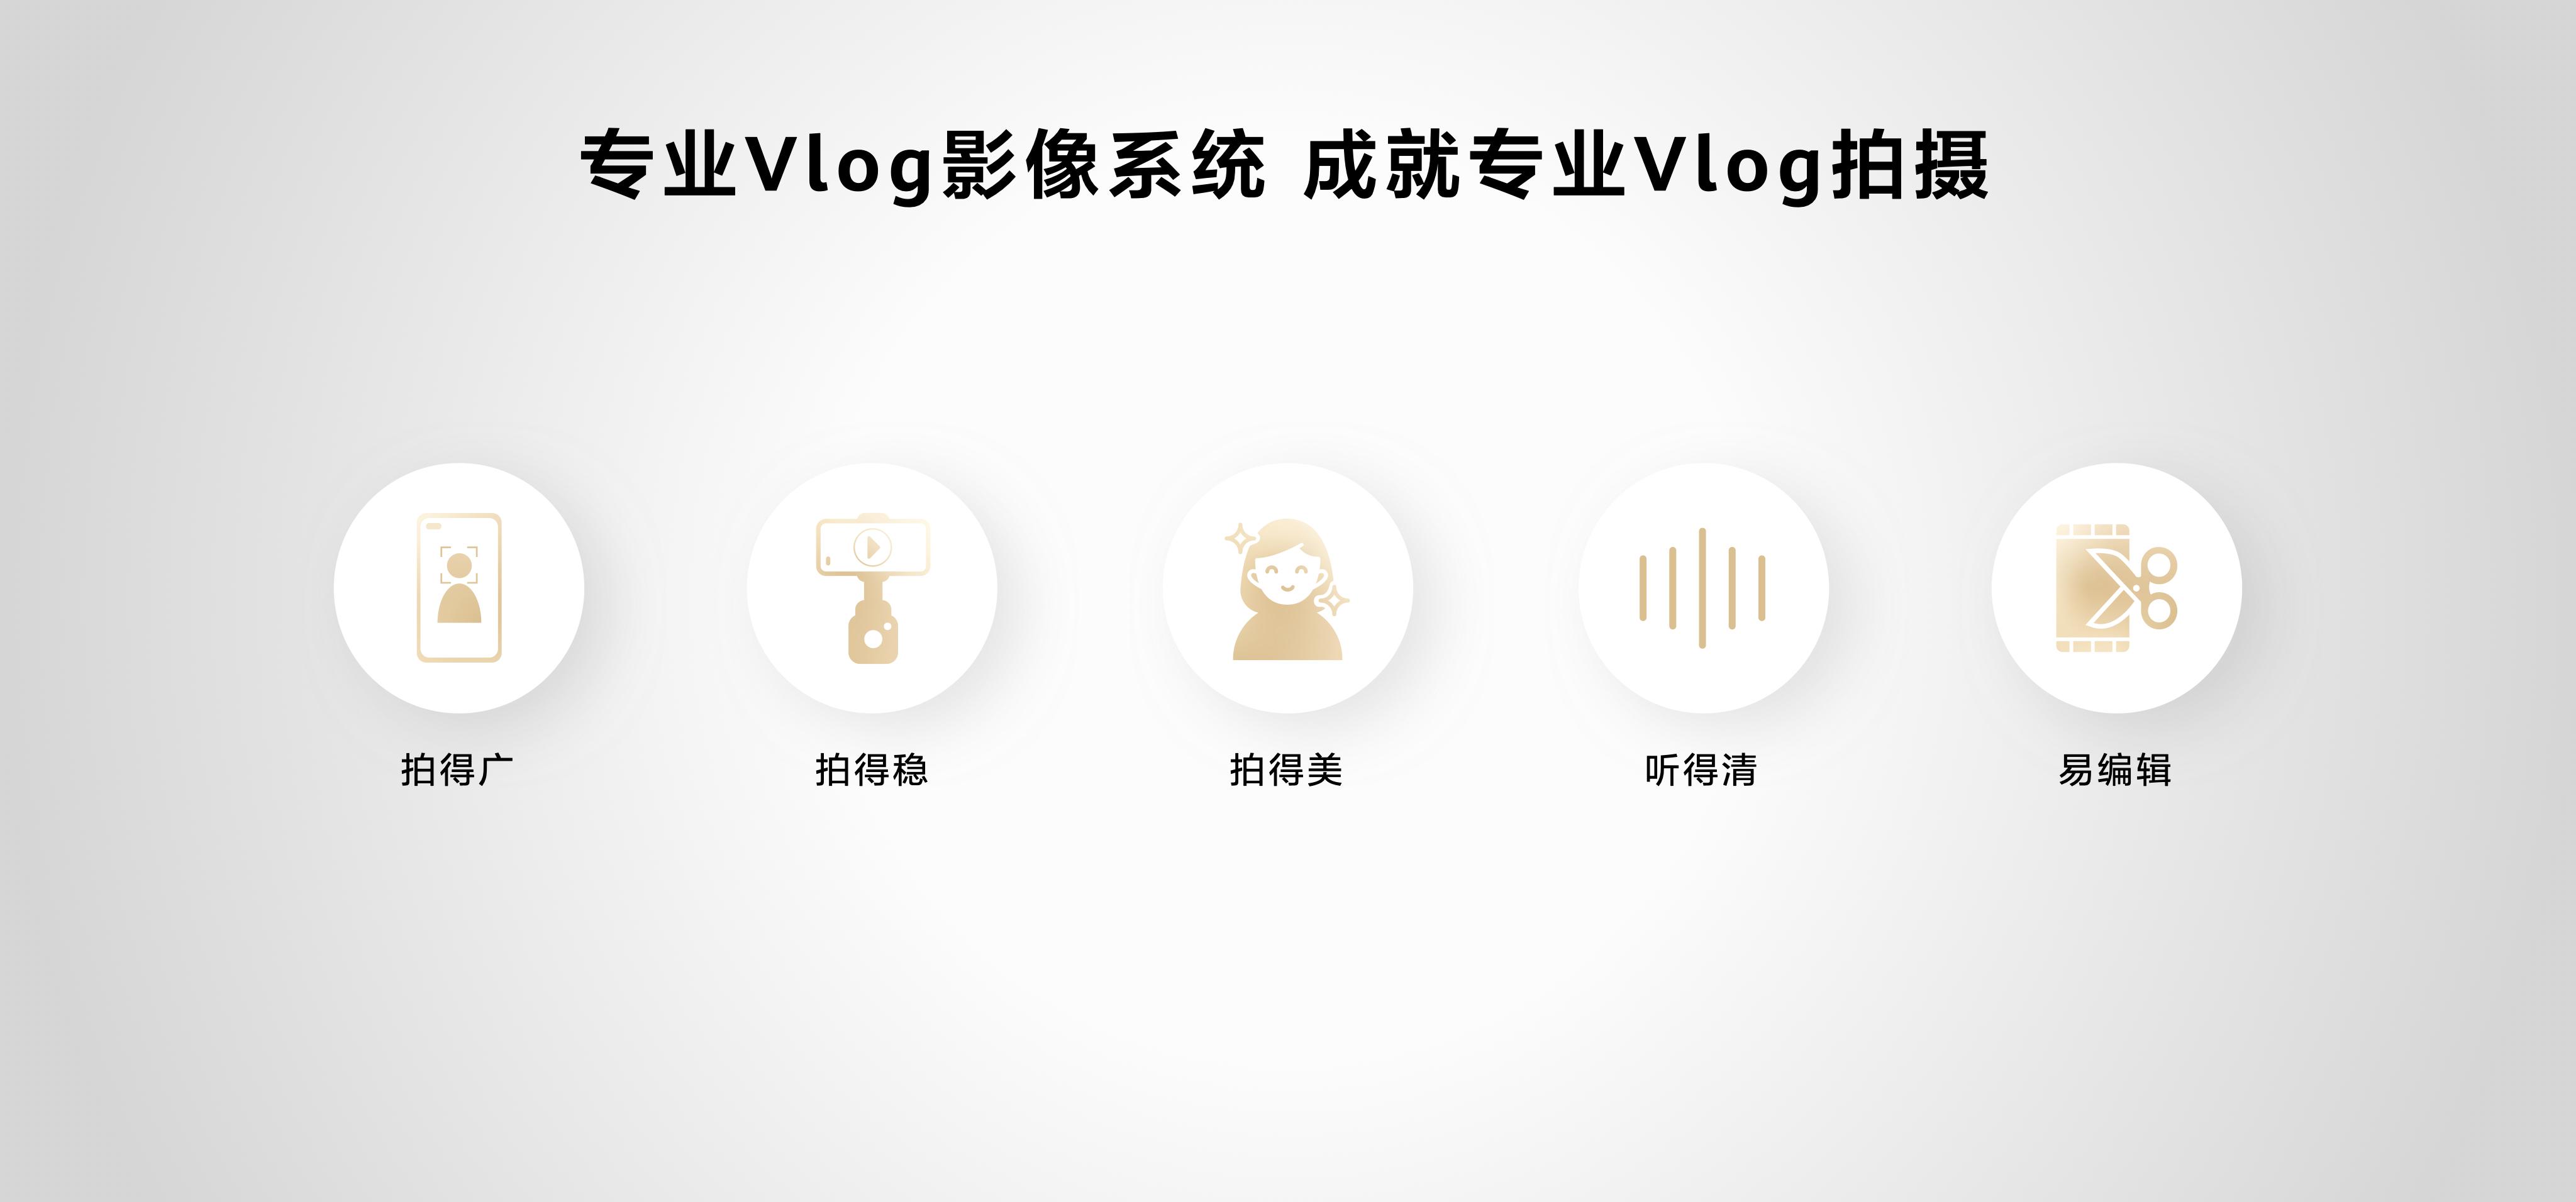 新机侦探:拍Vlog?还是超广角自拍视频镜头专业!-2.jpeg